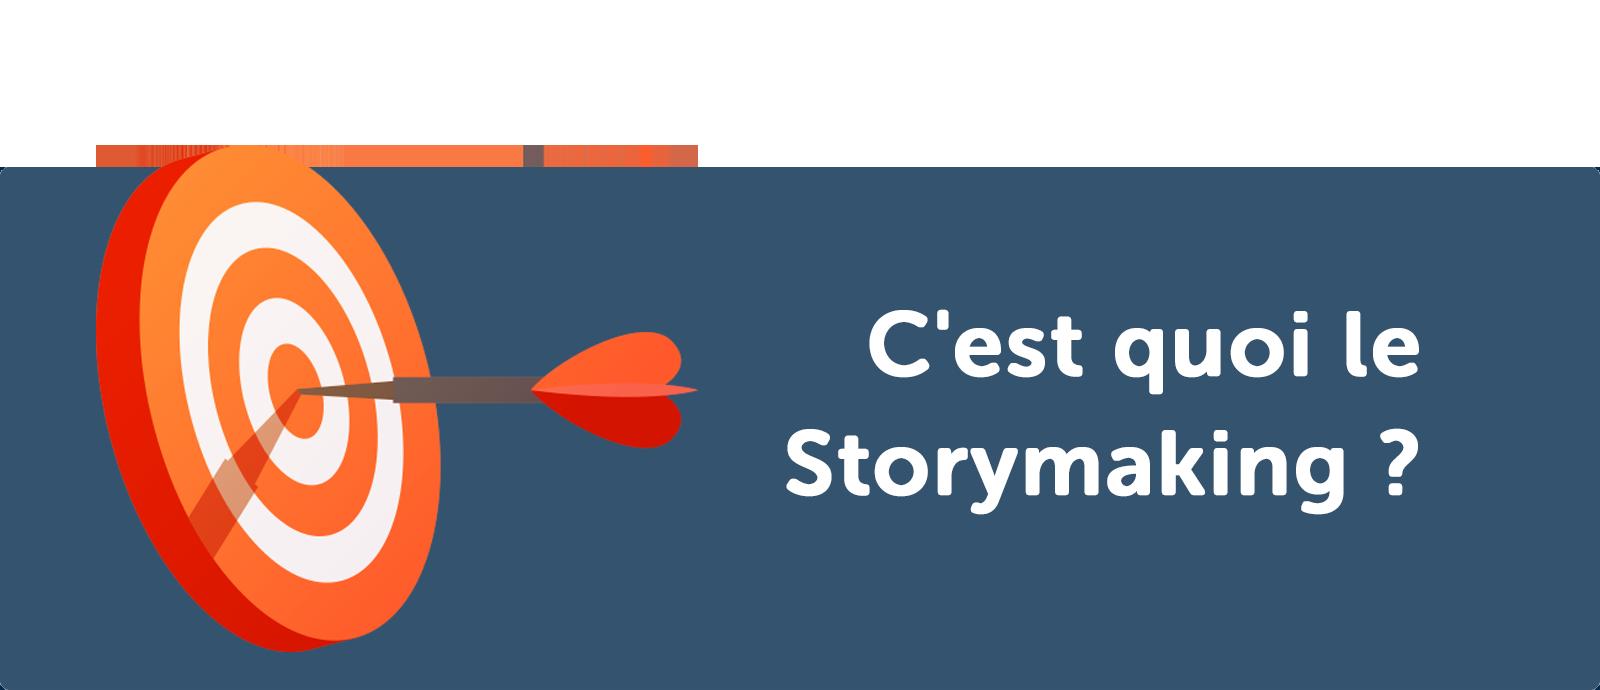 C'est quoi le Storymaking ?